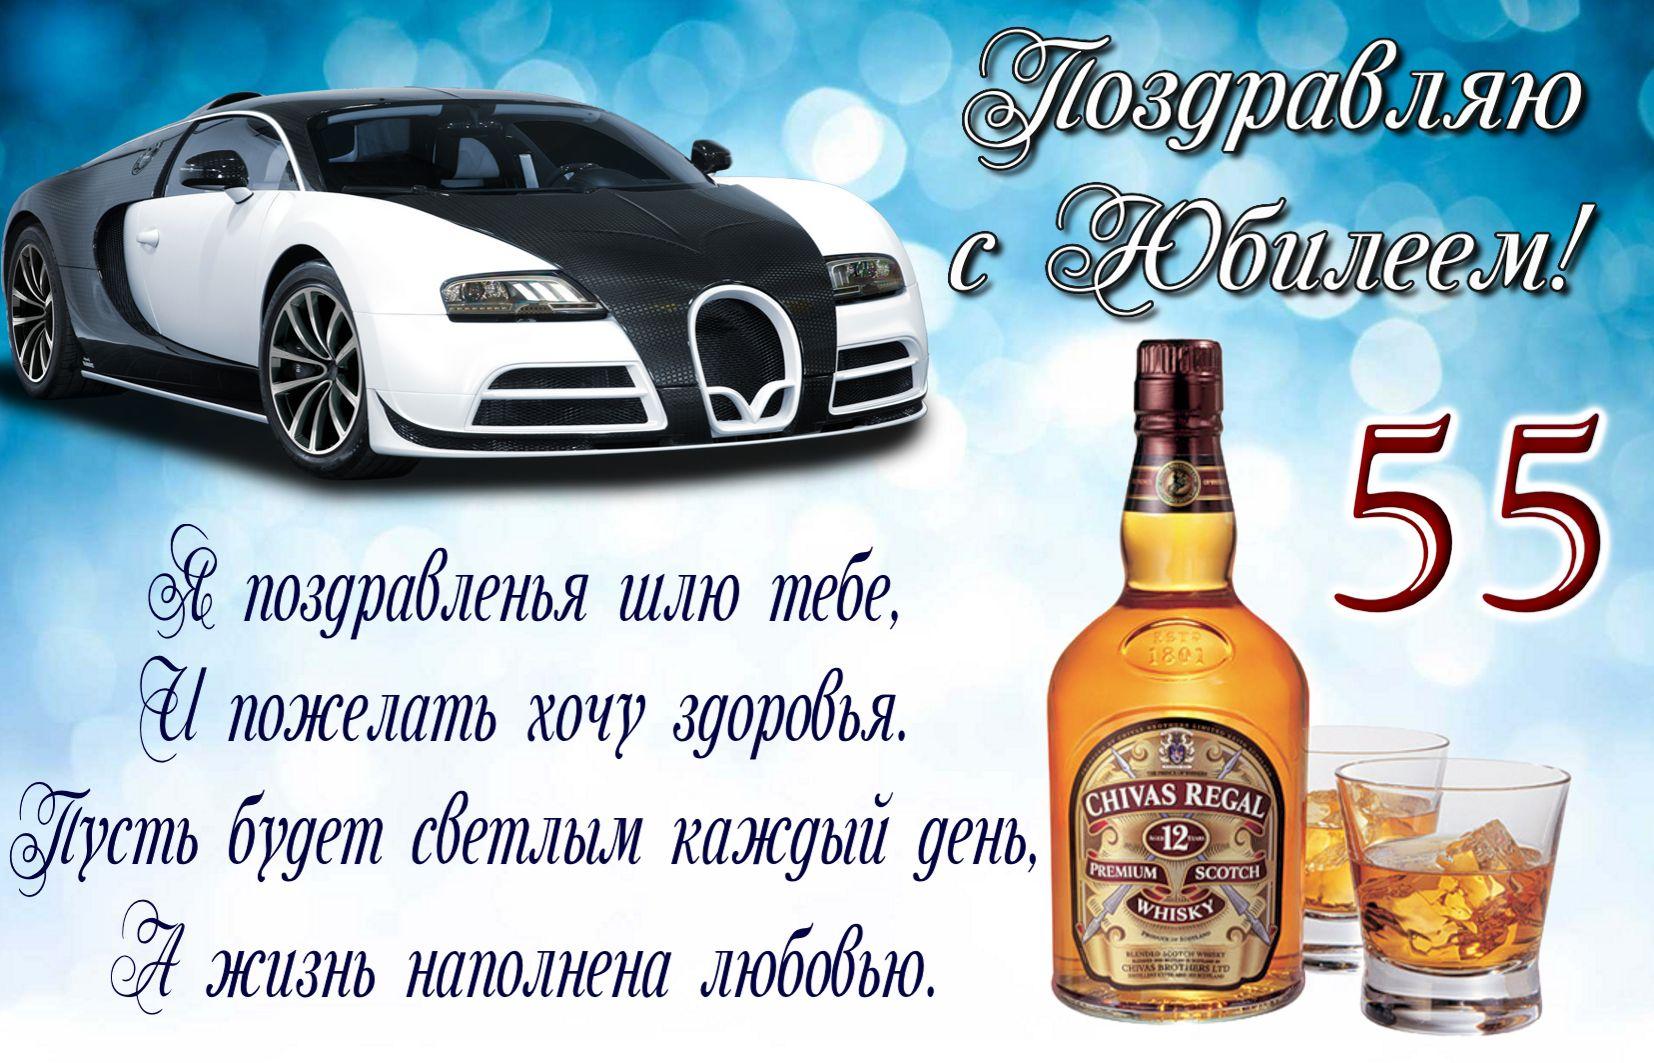 Открытка с красивой машиной и виски на юбилей 55 лет